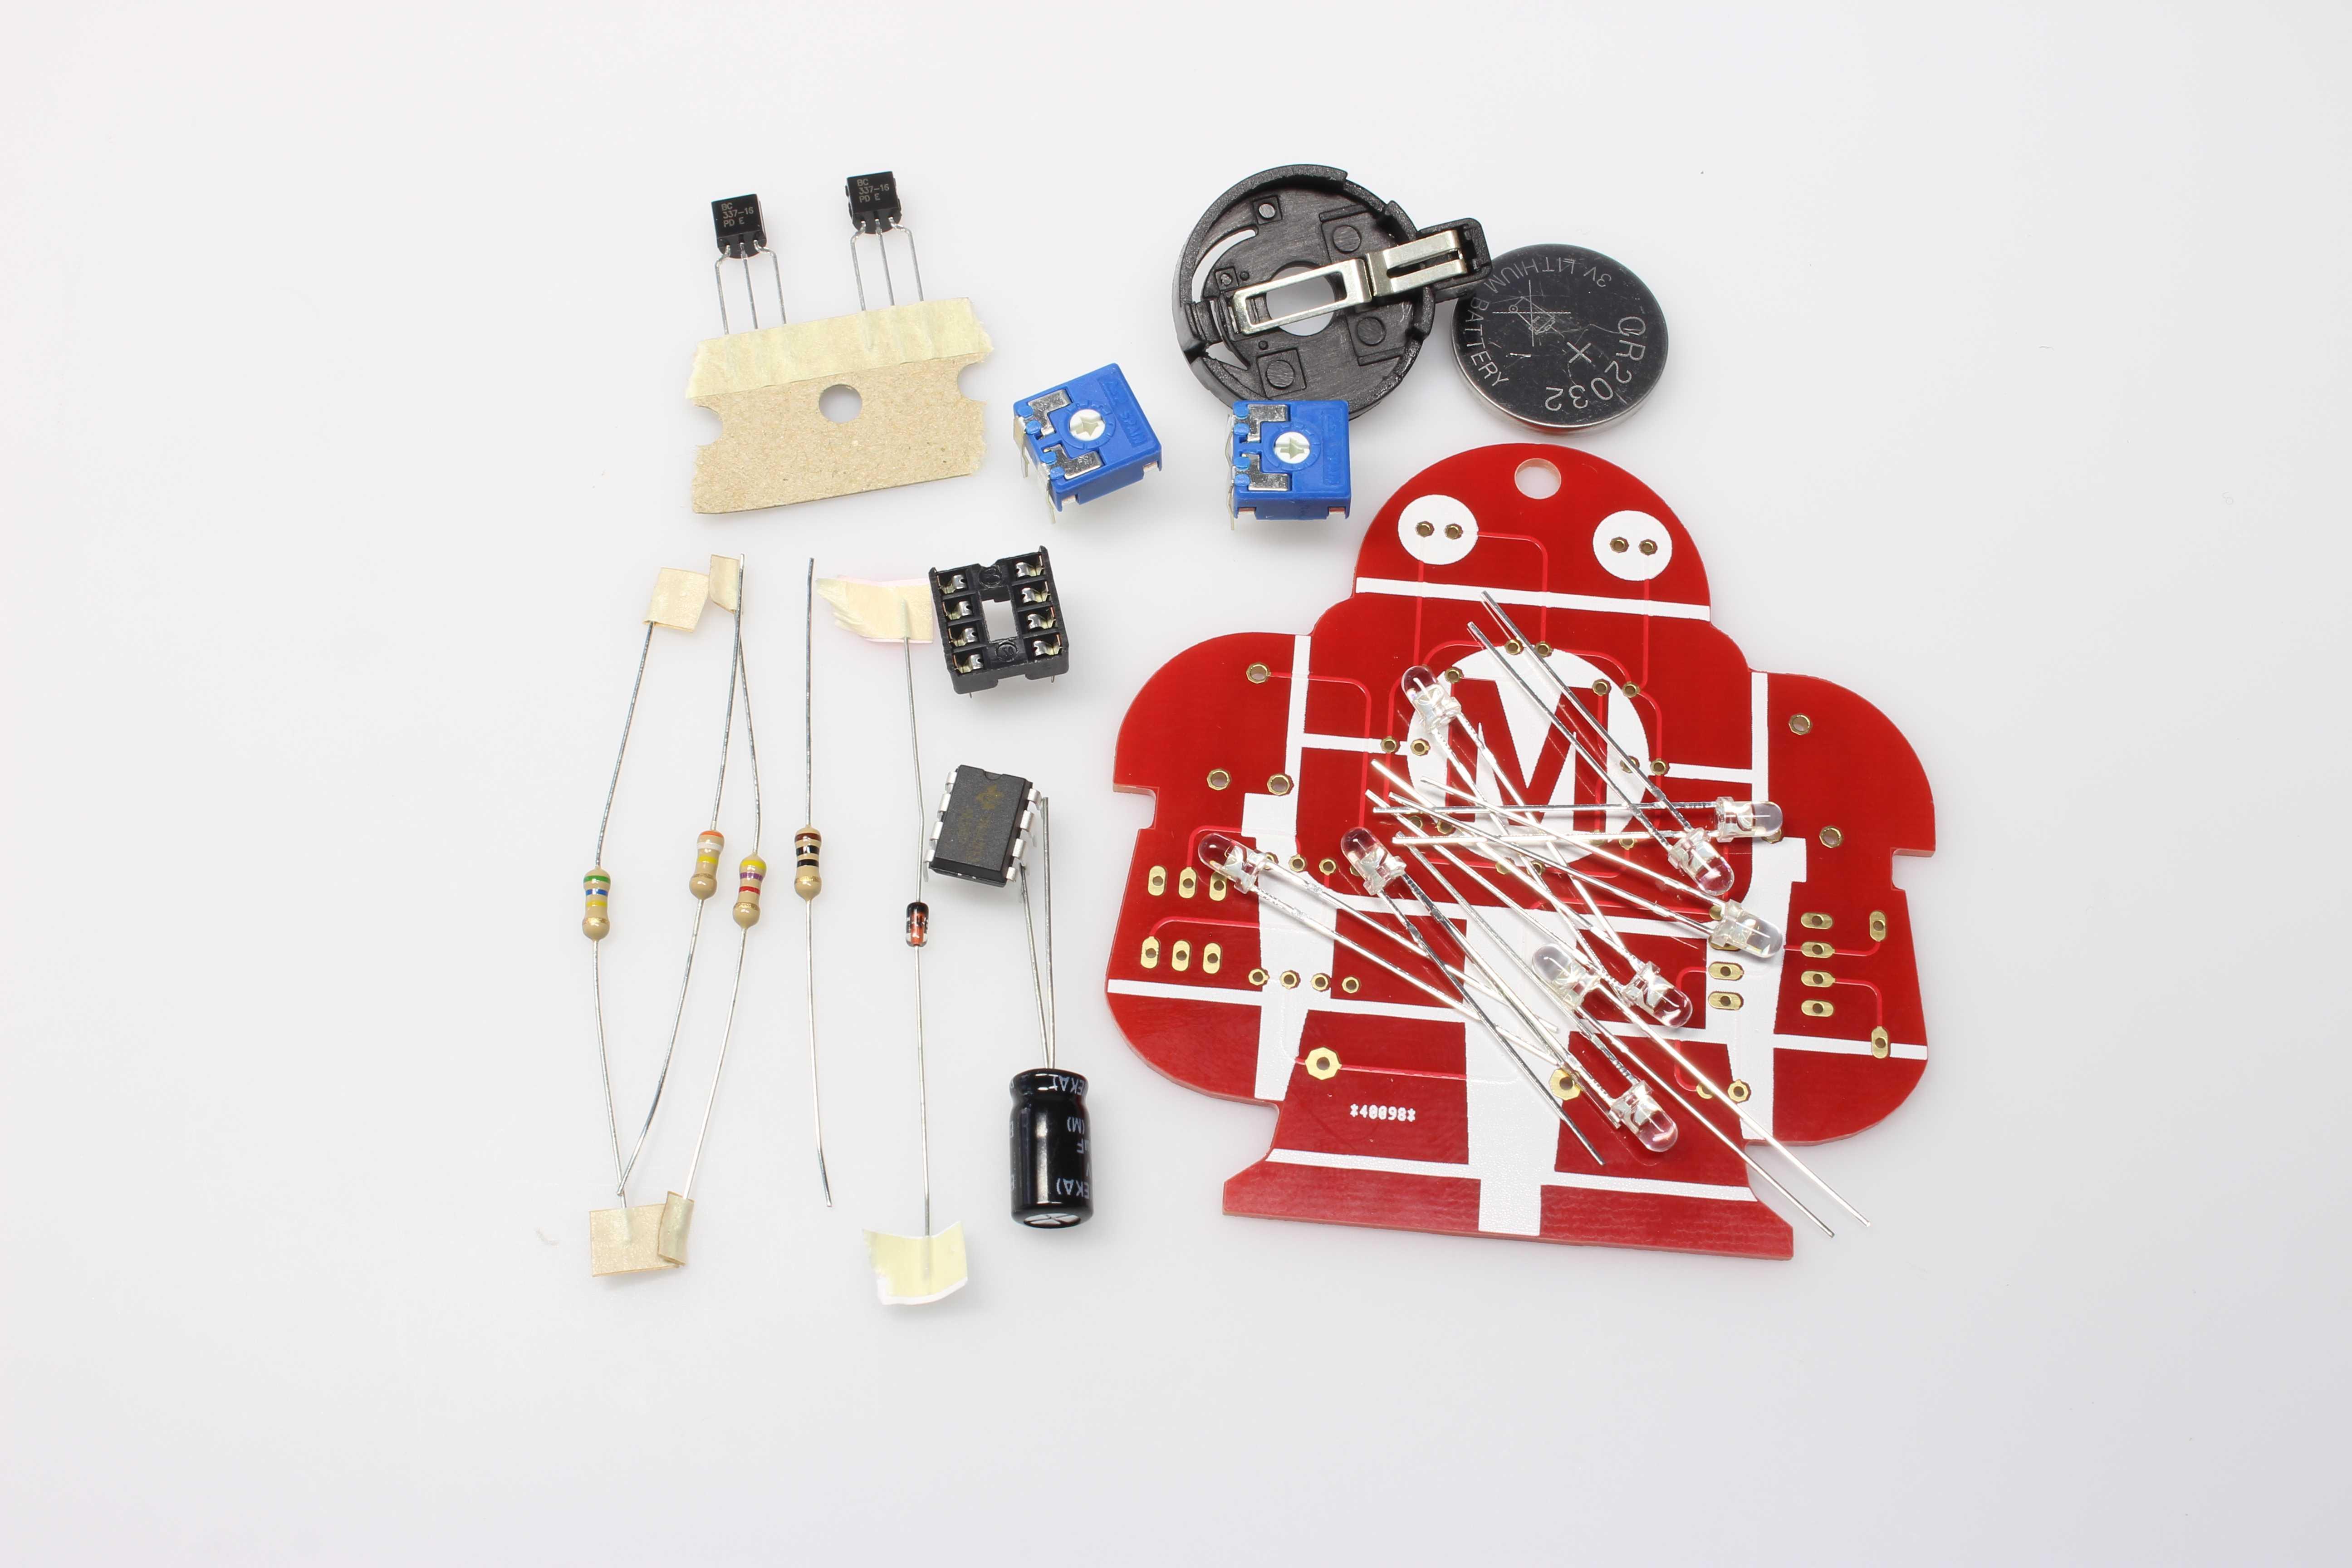 Löt-Makey: Eine rote Platine in Roboterform mit elektronischen Bauteilen